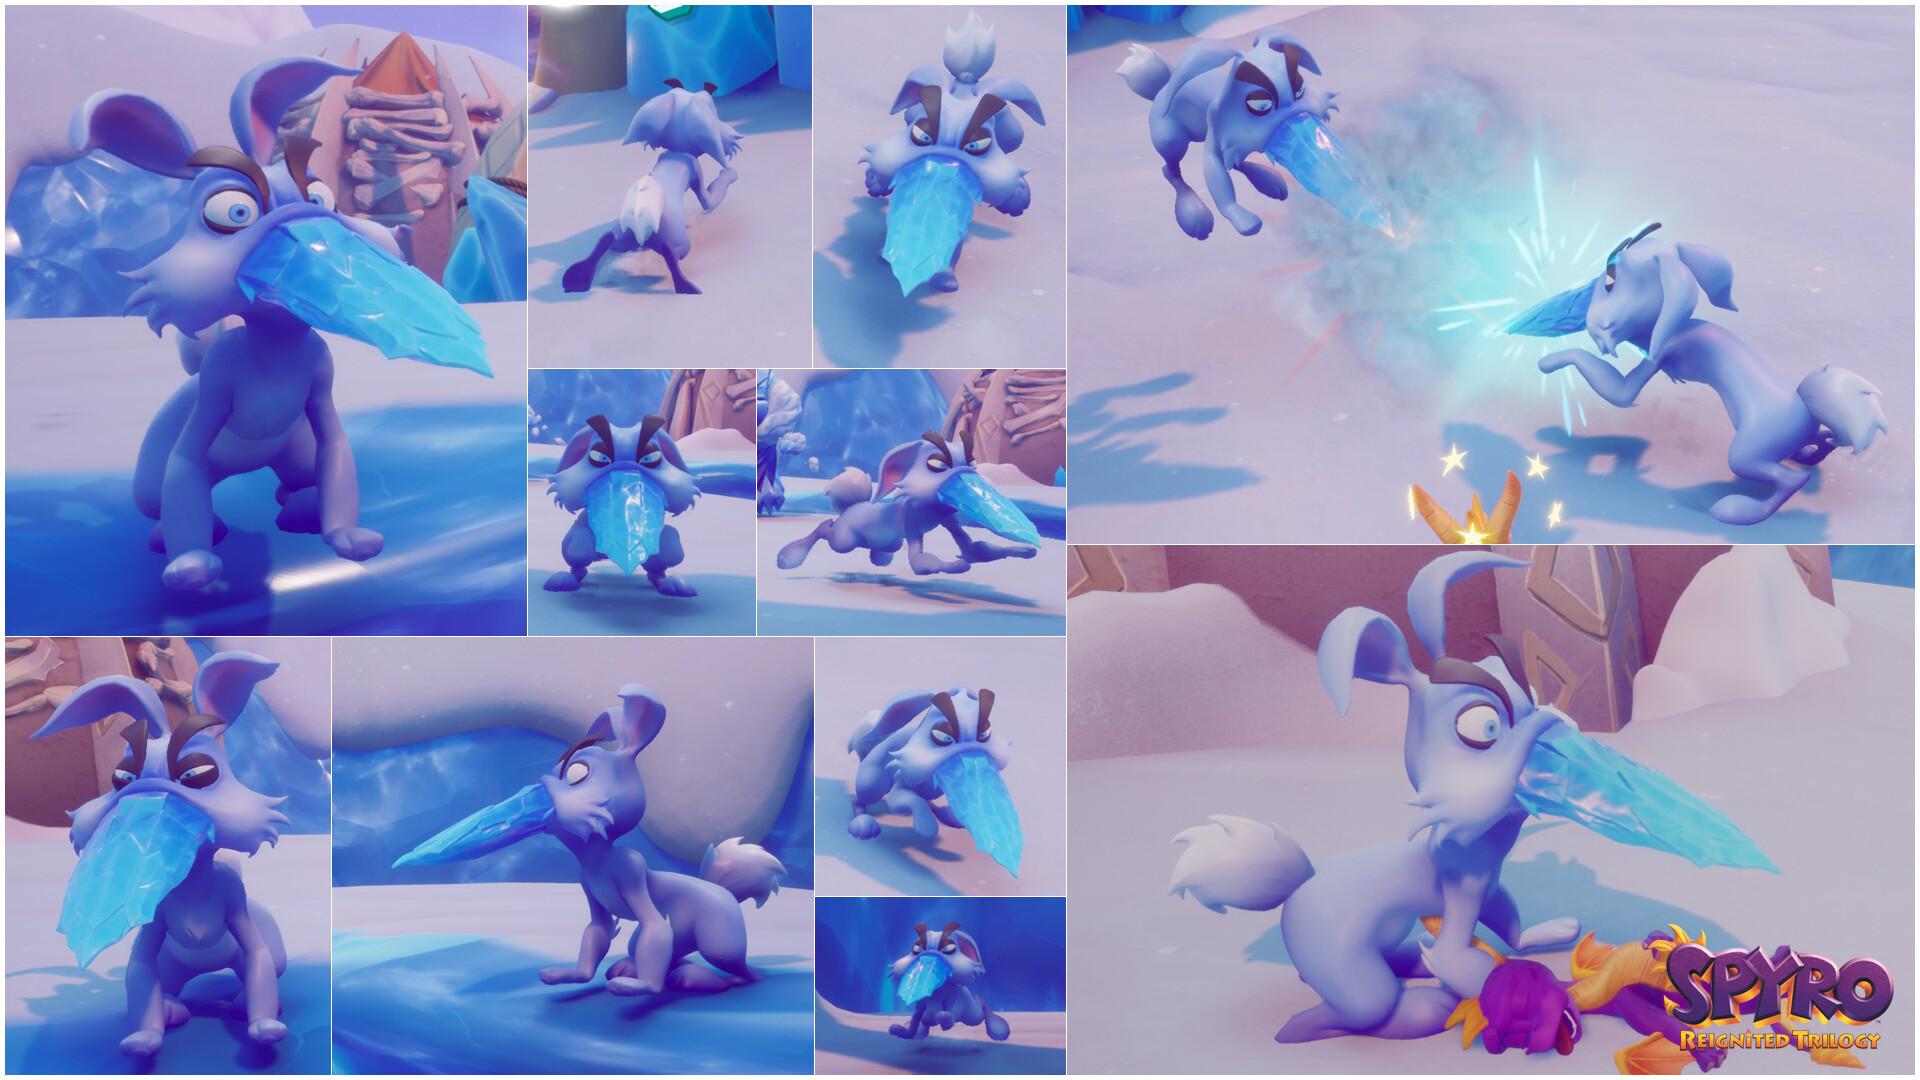 Alexandra jackson spyrotrilogy hornedrabbit collage